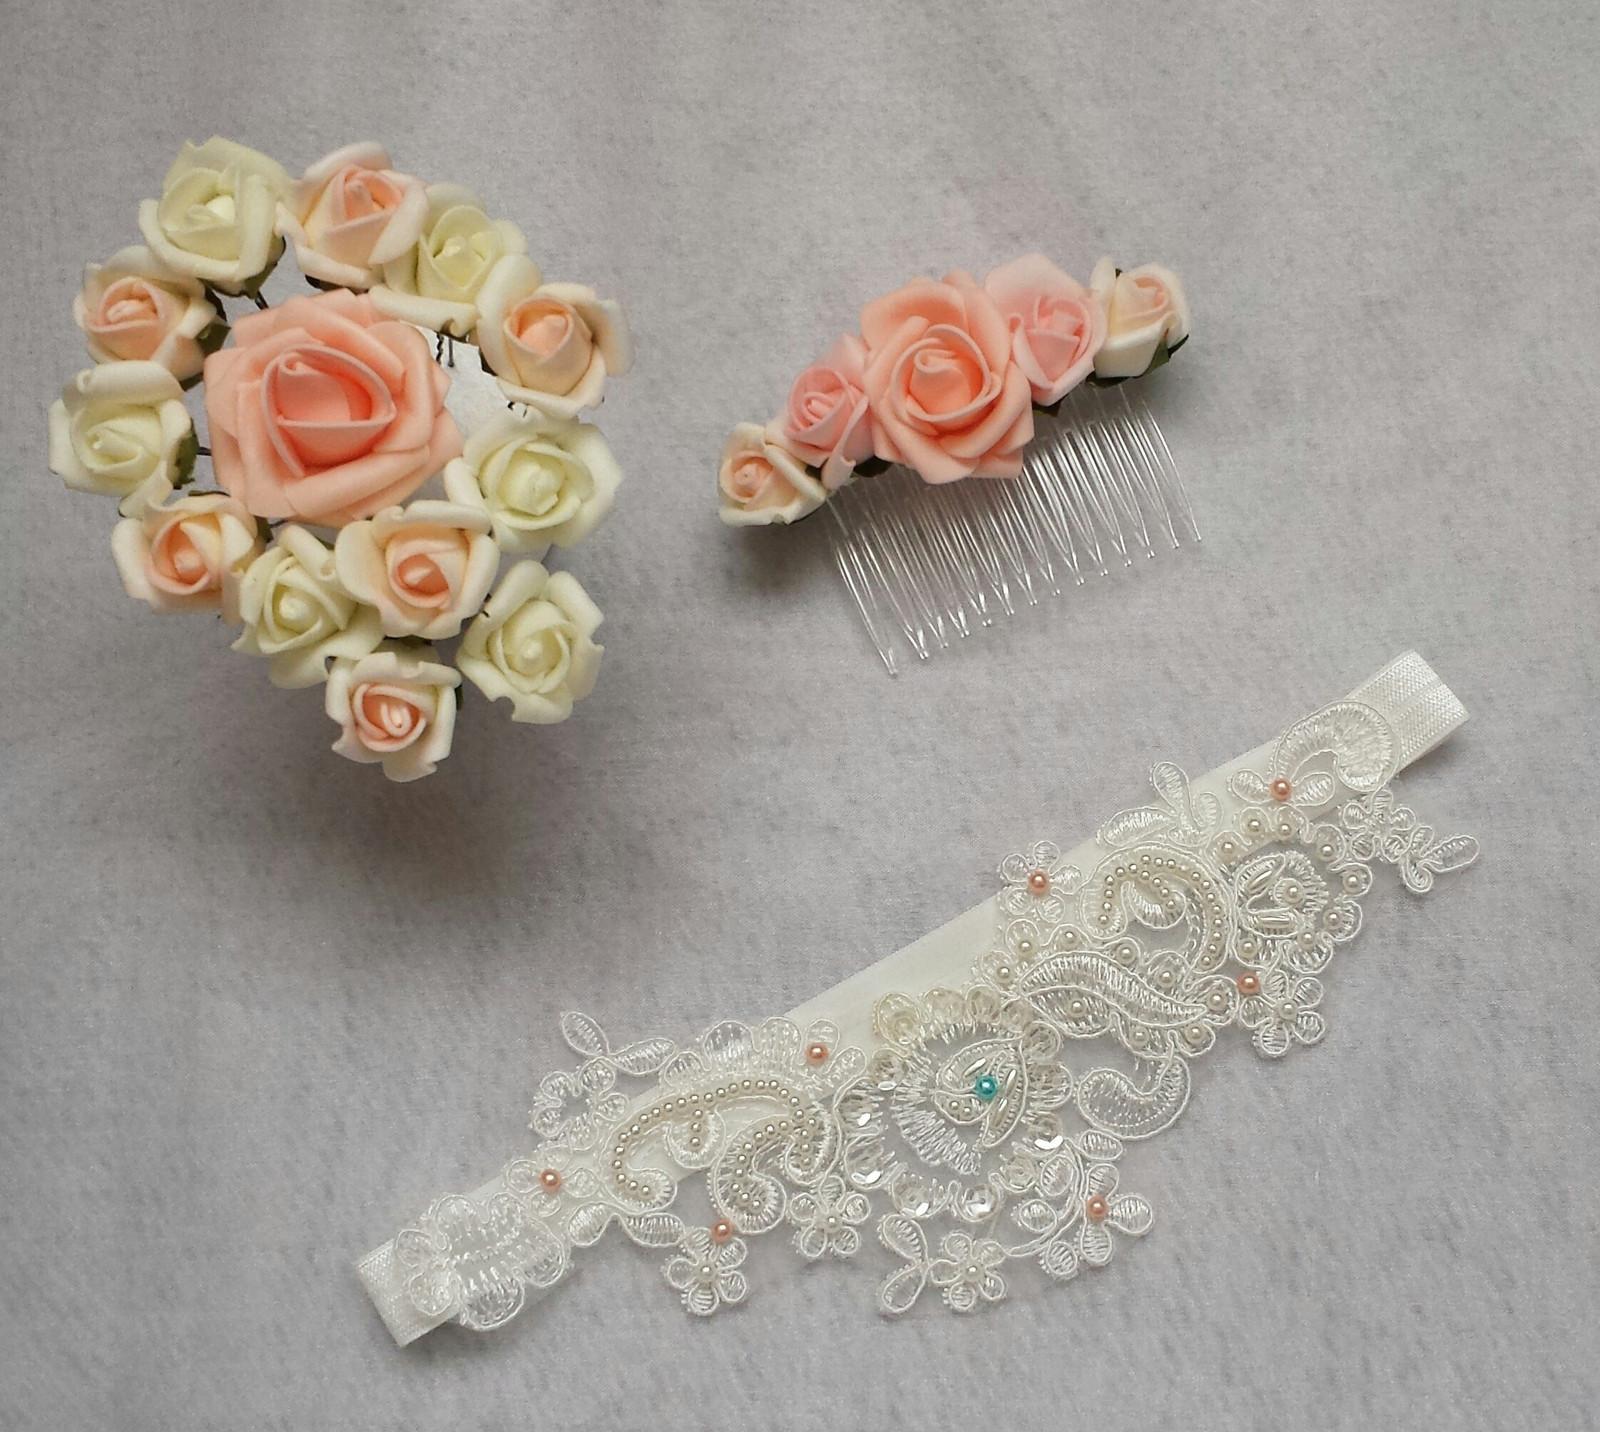 Vlásenky s barevným květem nejen na svatbu - Obrázek č. 1